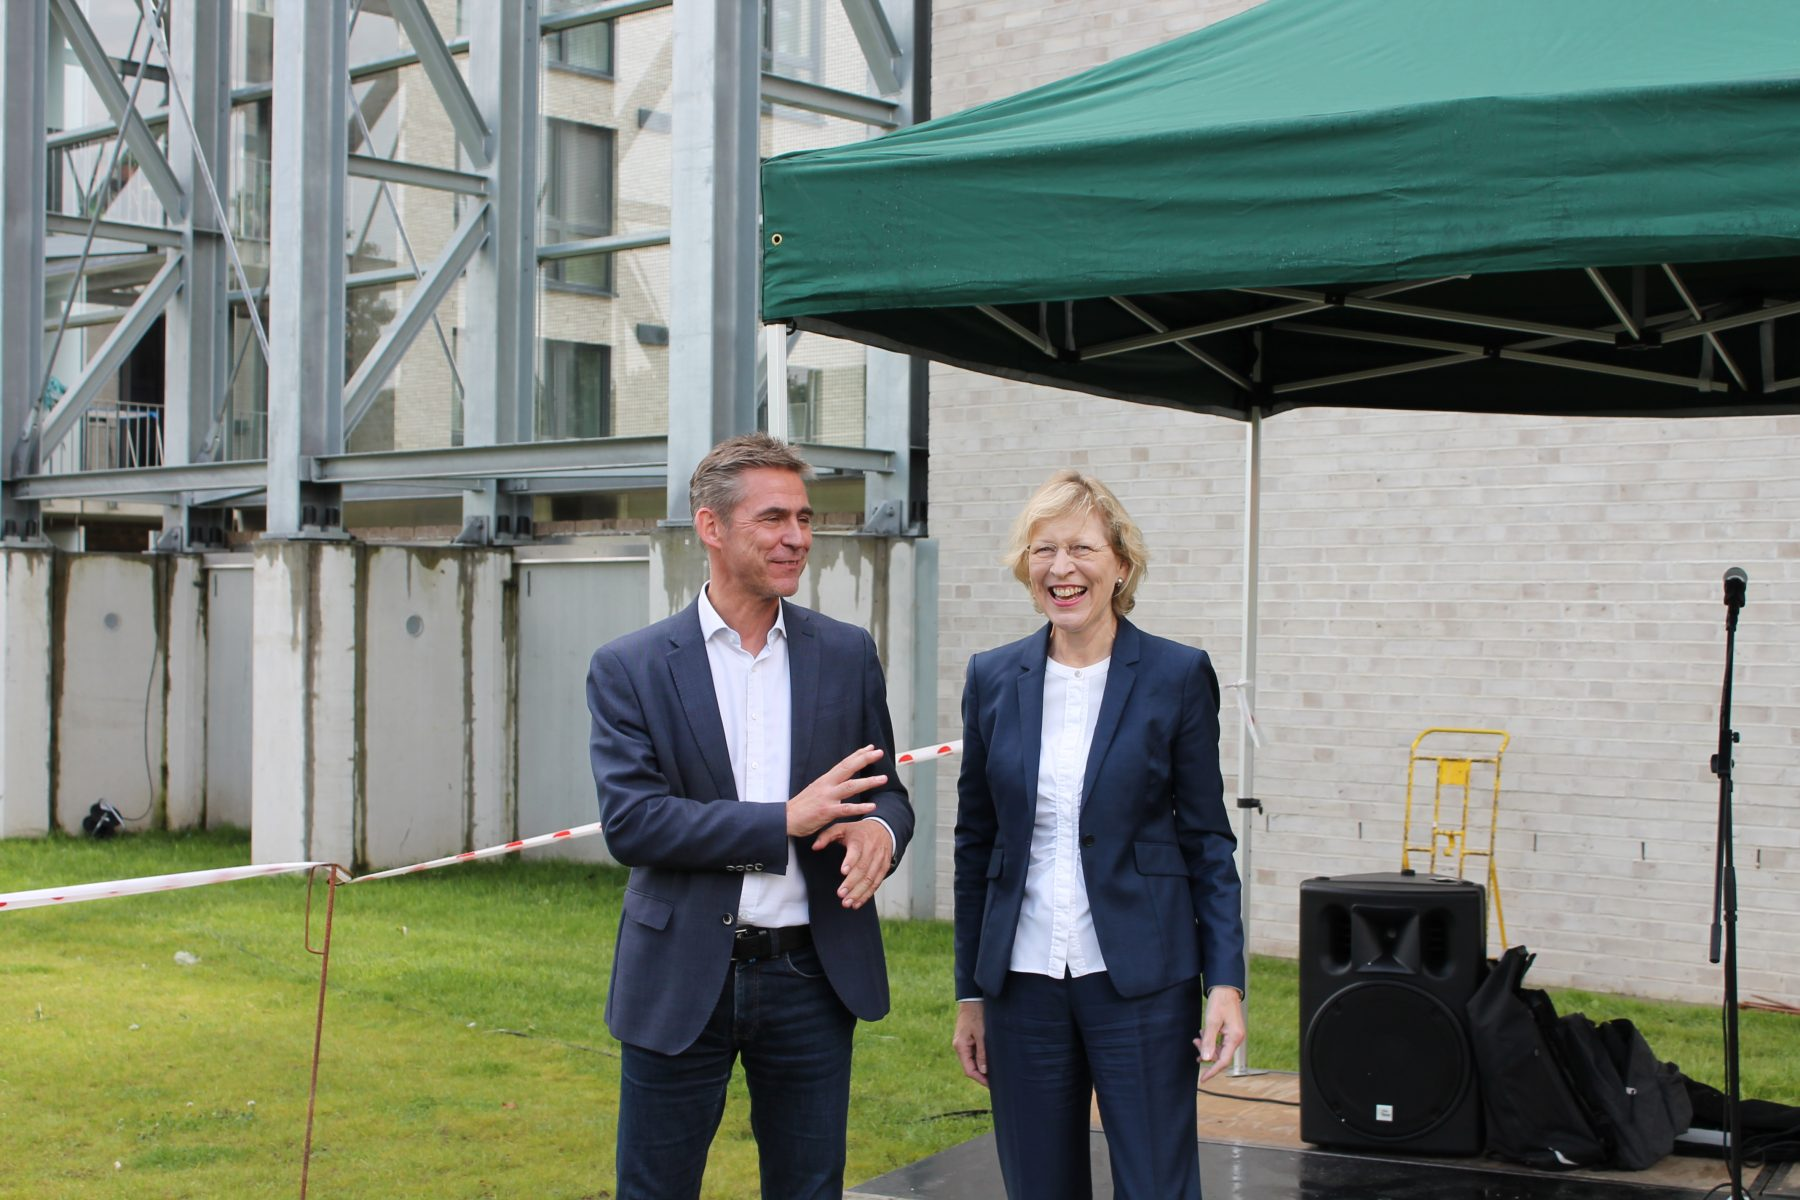 Bezirksamtsleiter Kay Gätgens und Stadtentwicklungssenatorin Dorothee Stapelfeld kamen zur Einweihung der Aktivzone in Eidelstedt. Foto: Julia Haas